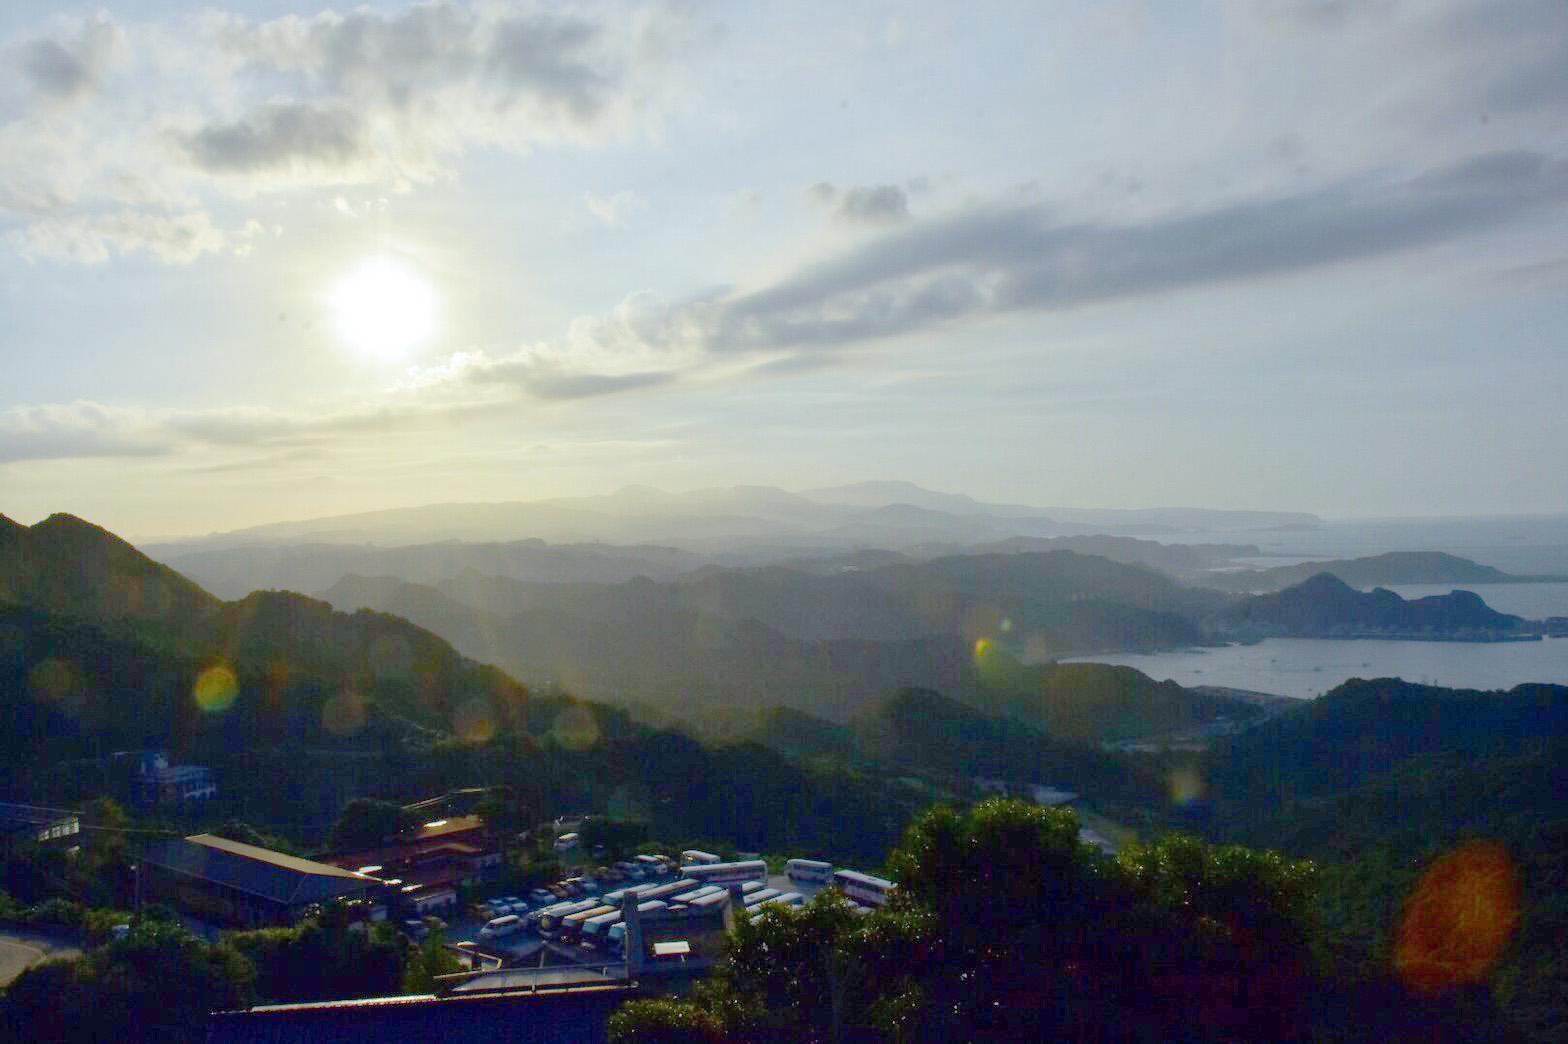 Taipei private tour and tour to Jiufen